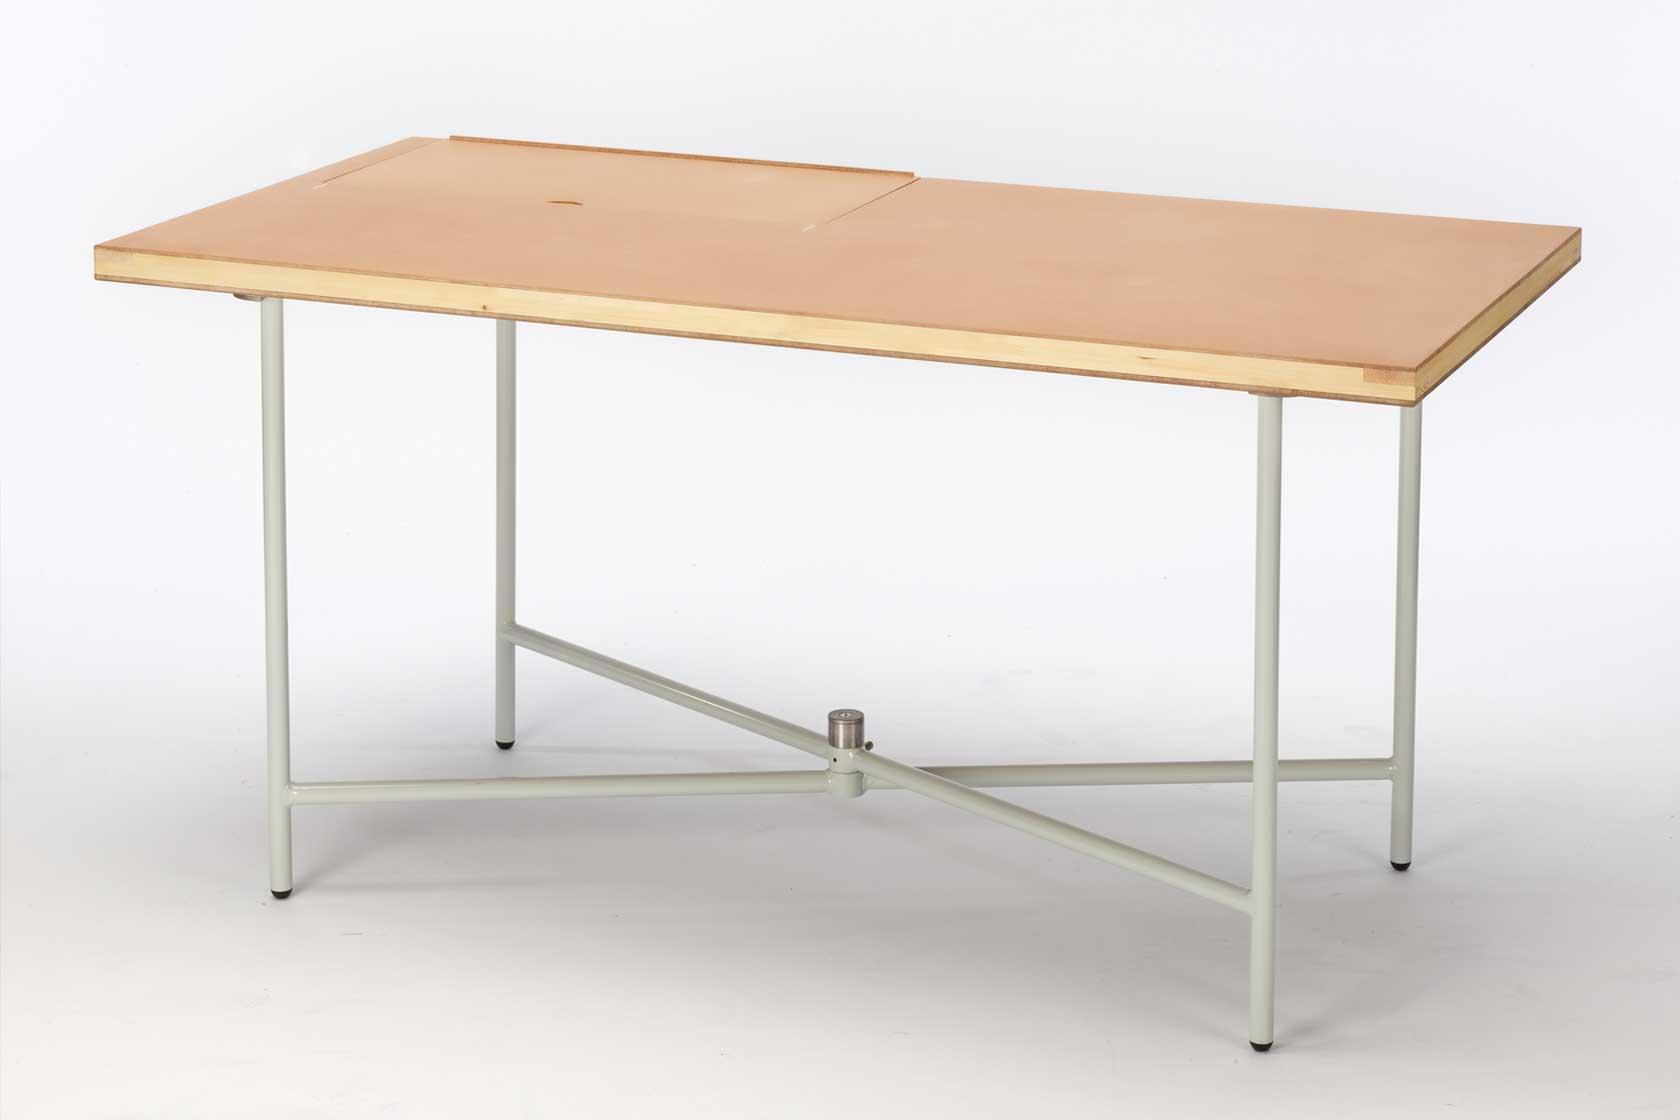 EIn Tischgestell, dass sich werkzeuglos aufbauen lässt und flach zusammenfaltbar ist